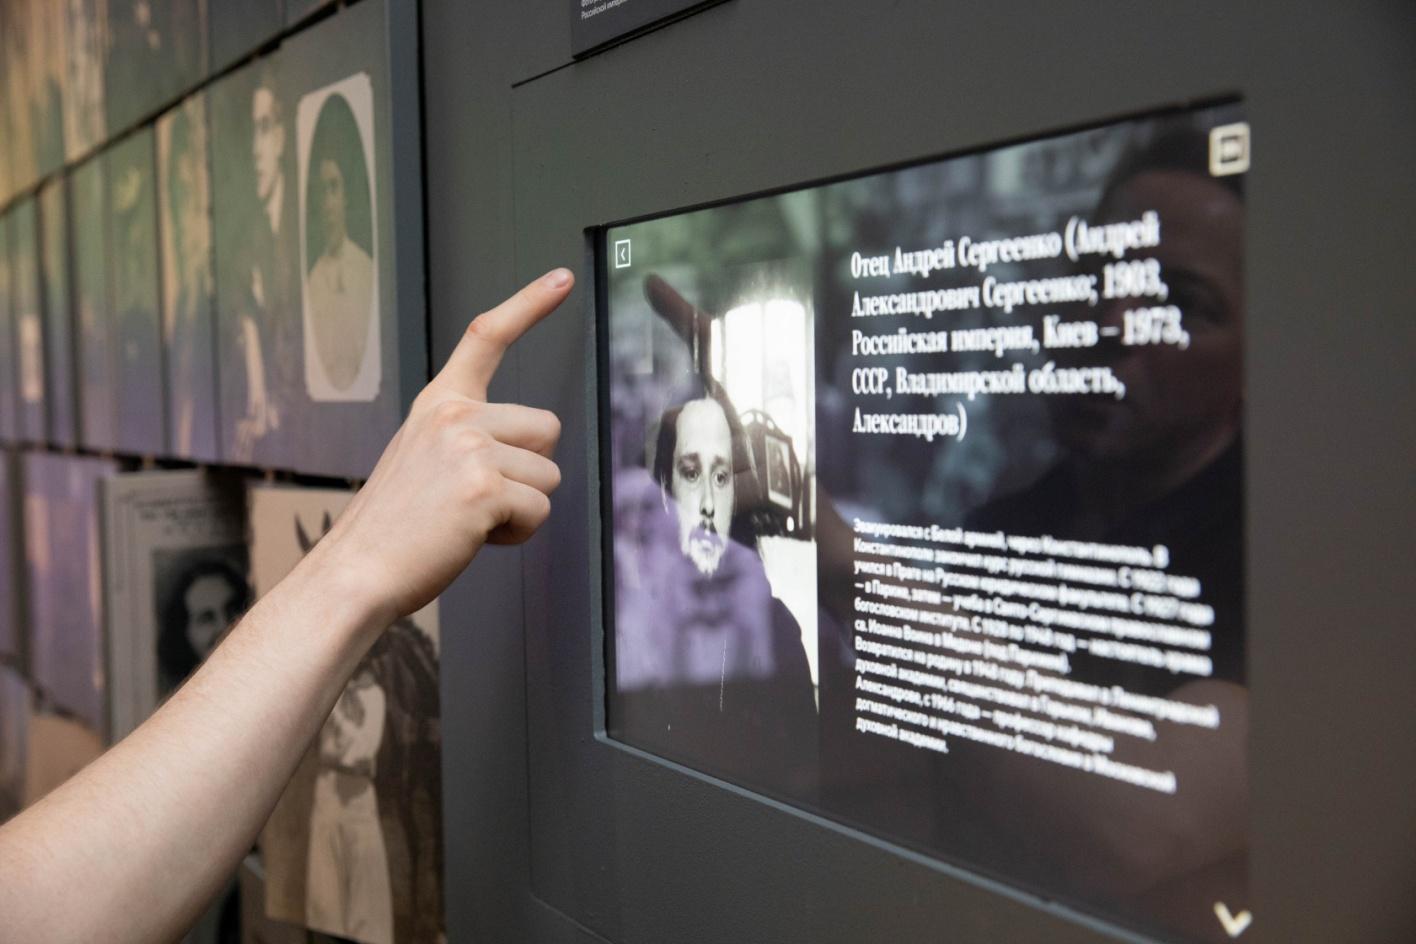 Музей русской эмиграции: как мы ставили датчик движения в граммофон и вообще добавляли технологий - 21